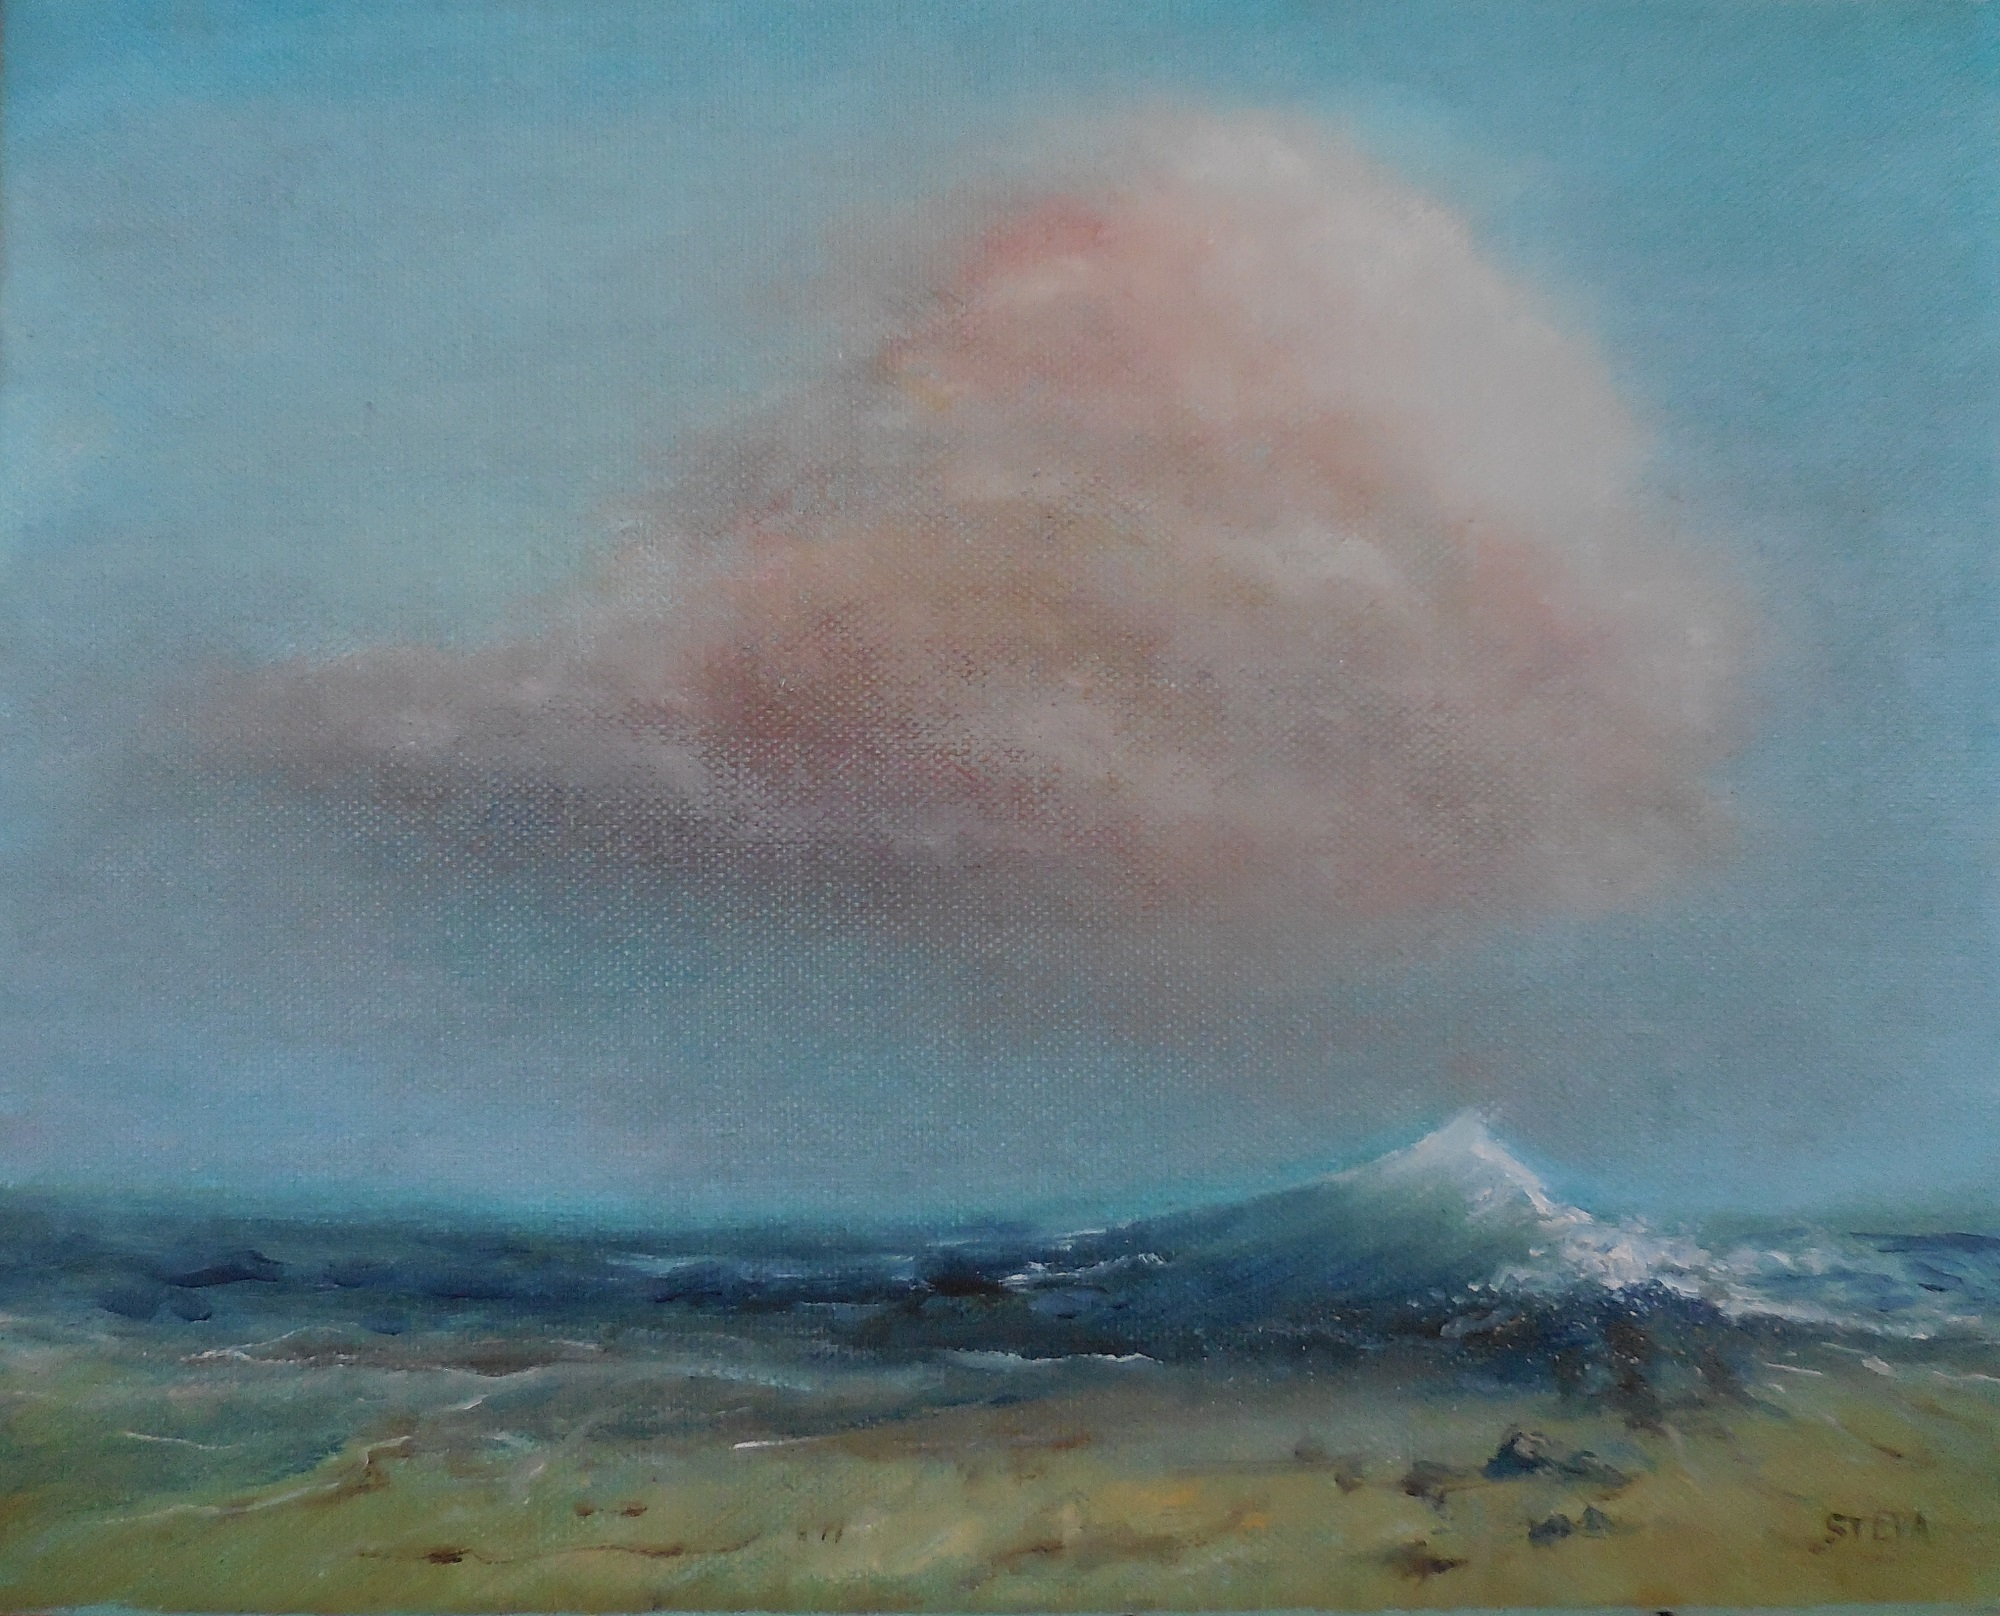 la vague et le nuage 30x24 cm (CP)